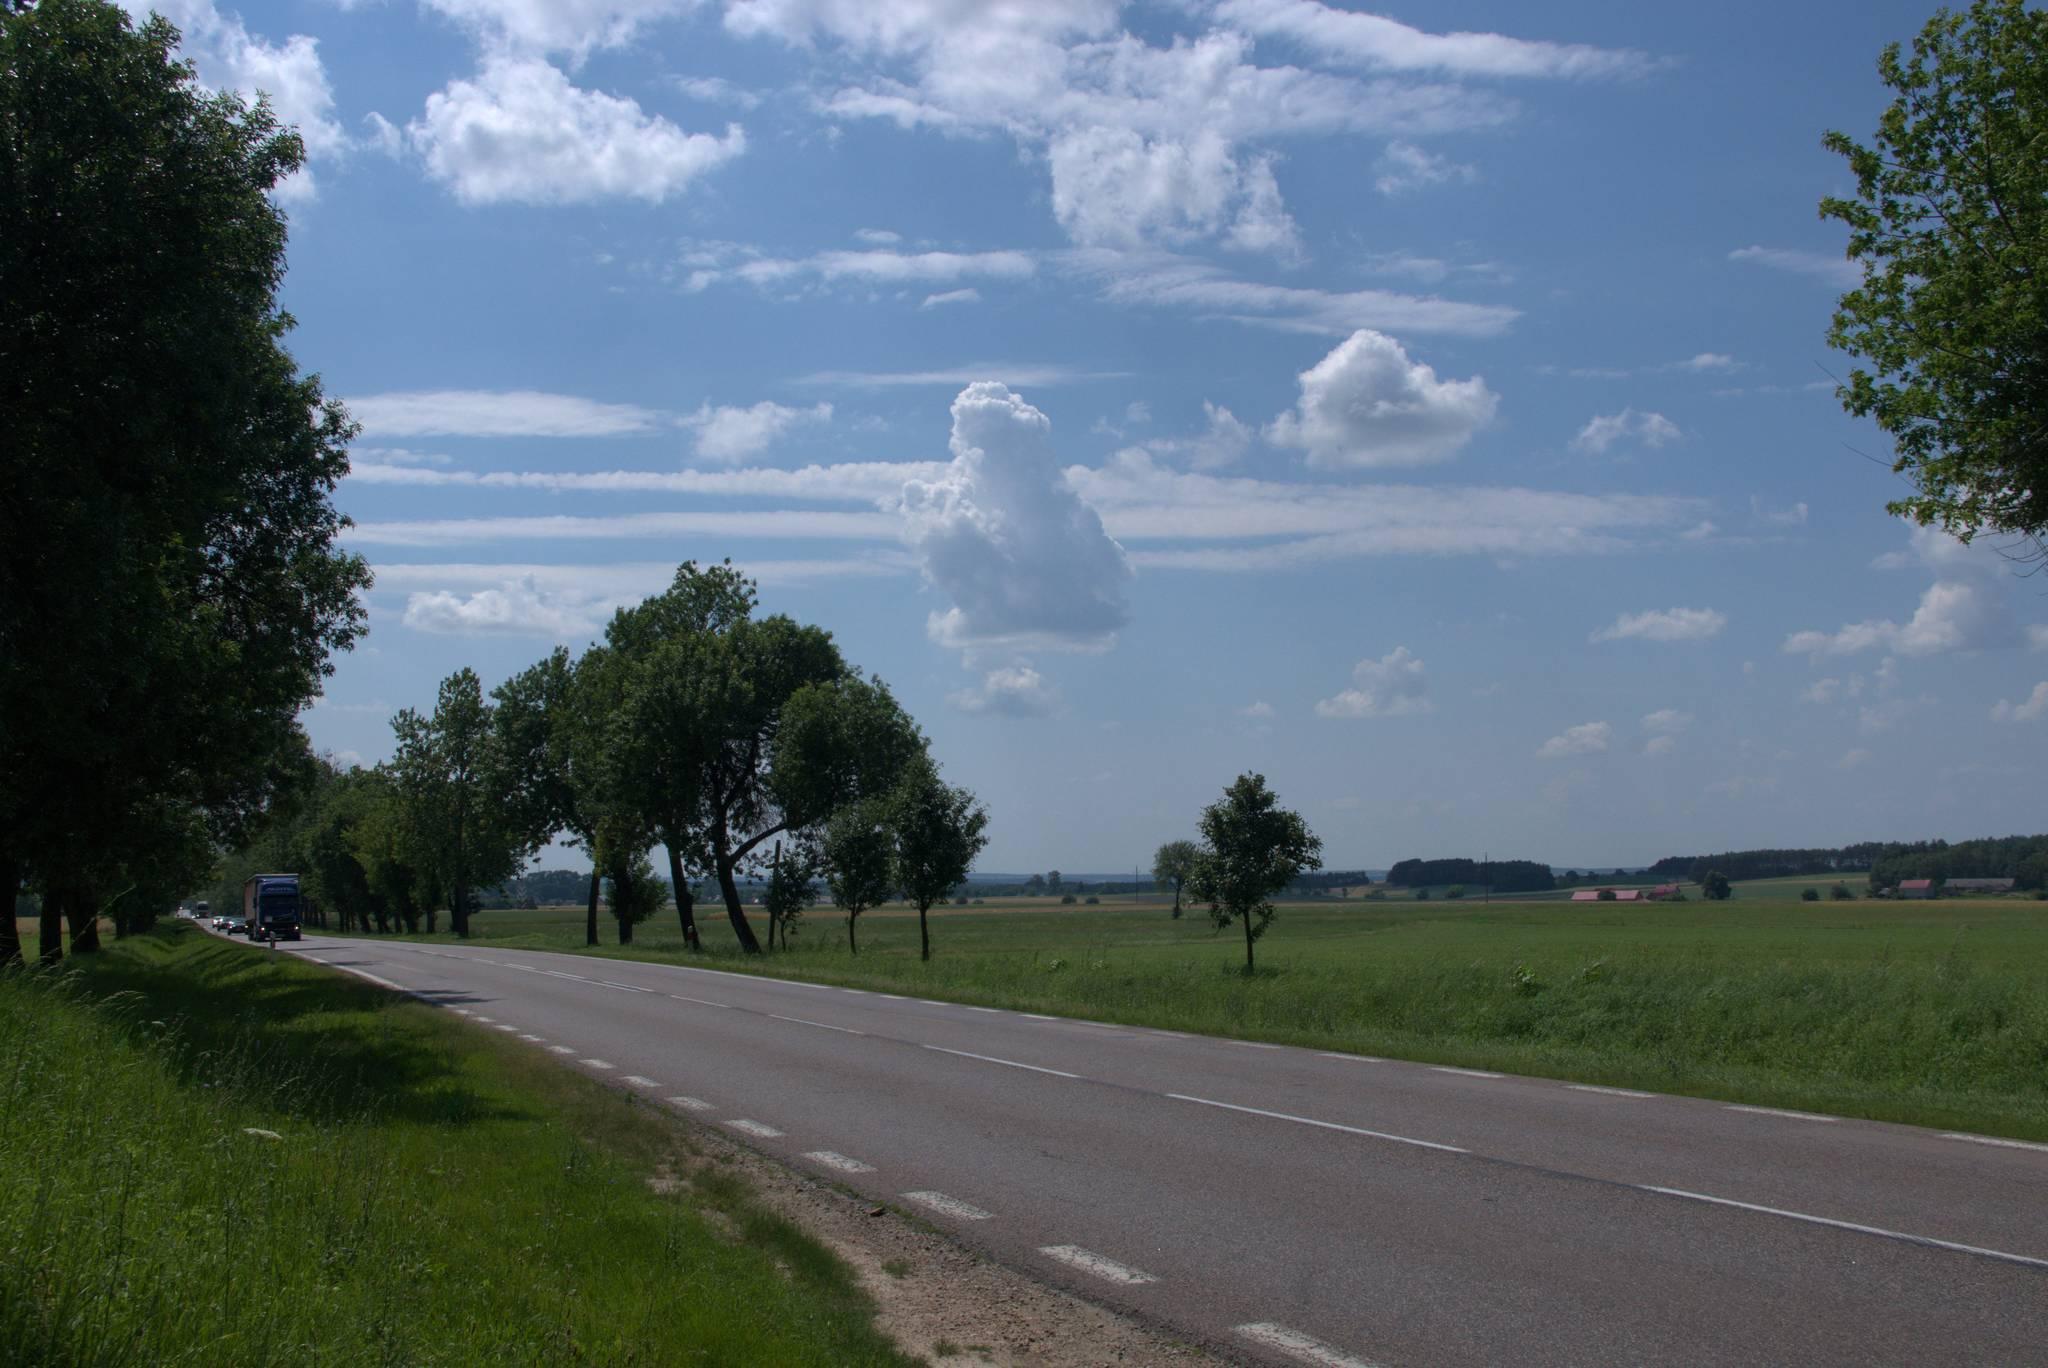 Droga za Łomżą